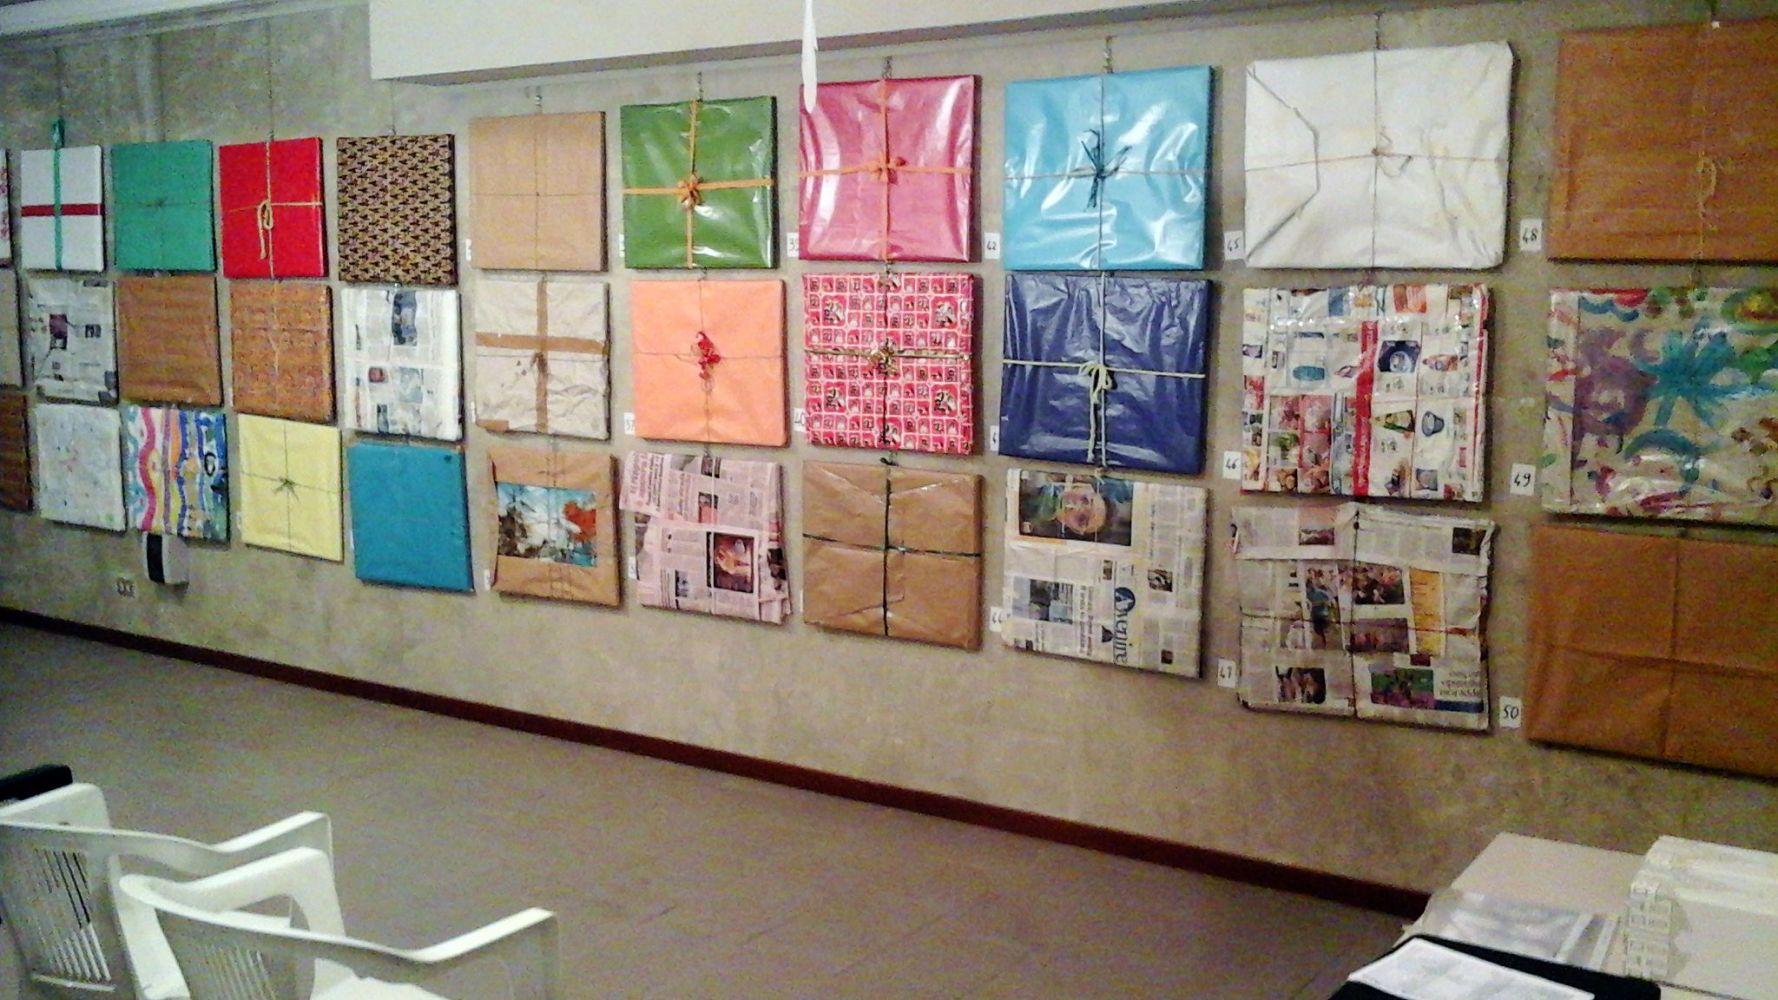 Facsimile di come si presenterà la parete con tutti i quadri da assegnare   tramite sorteggio